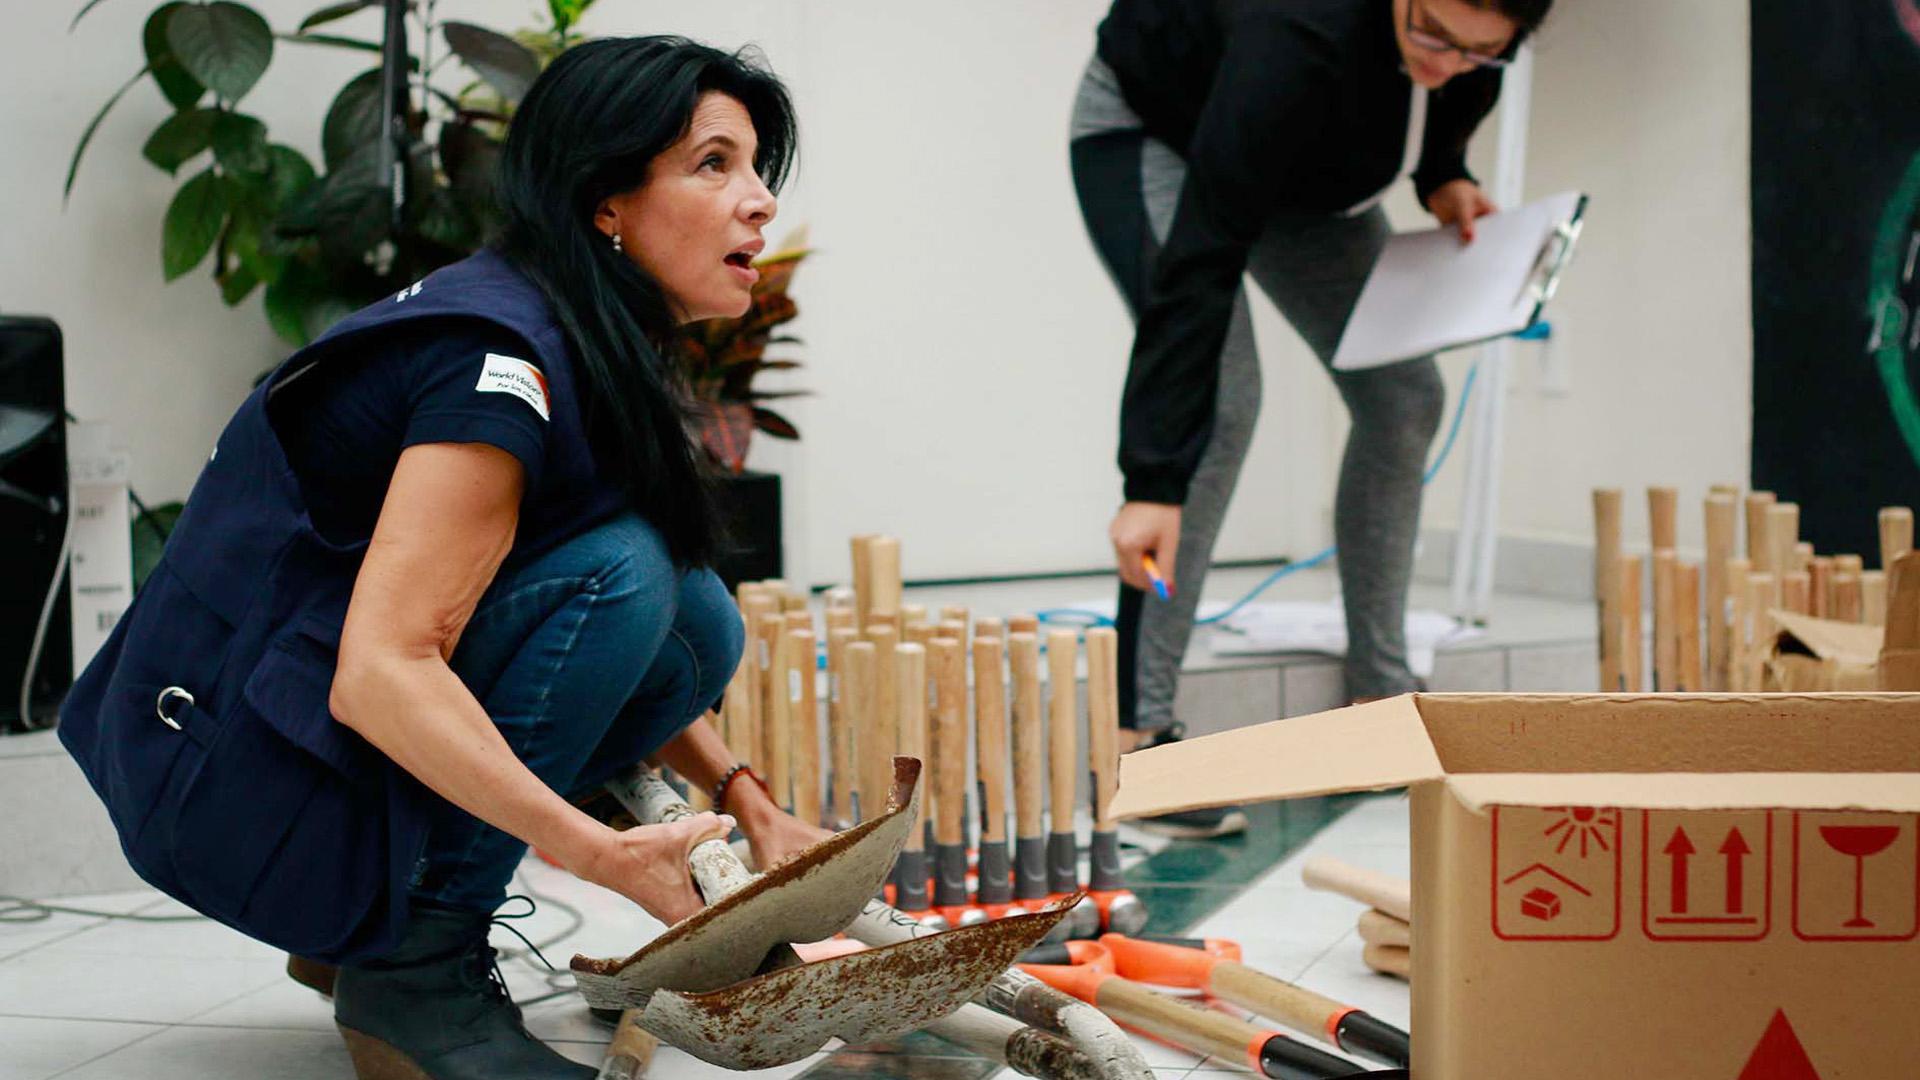 Die Landesdirektorin von World Vision Mexiko, Silvia Novoa, beim Verteilen von Schaufeln und anderen Hilfsgütern